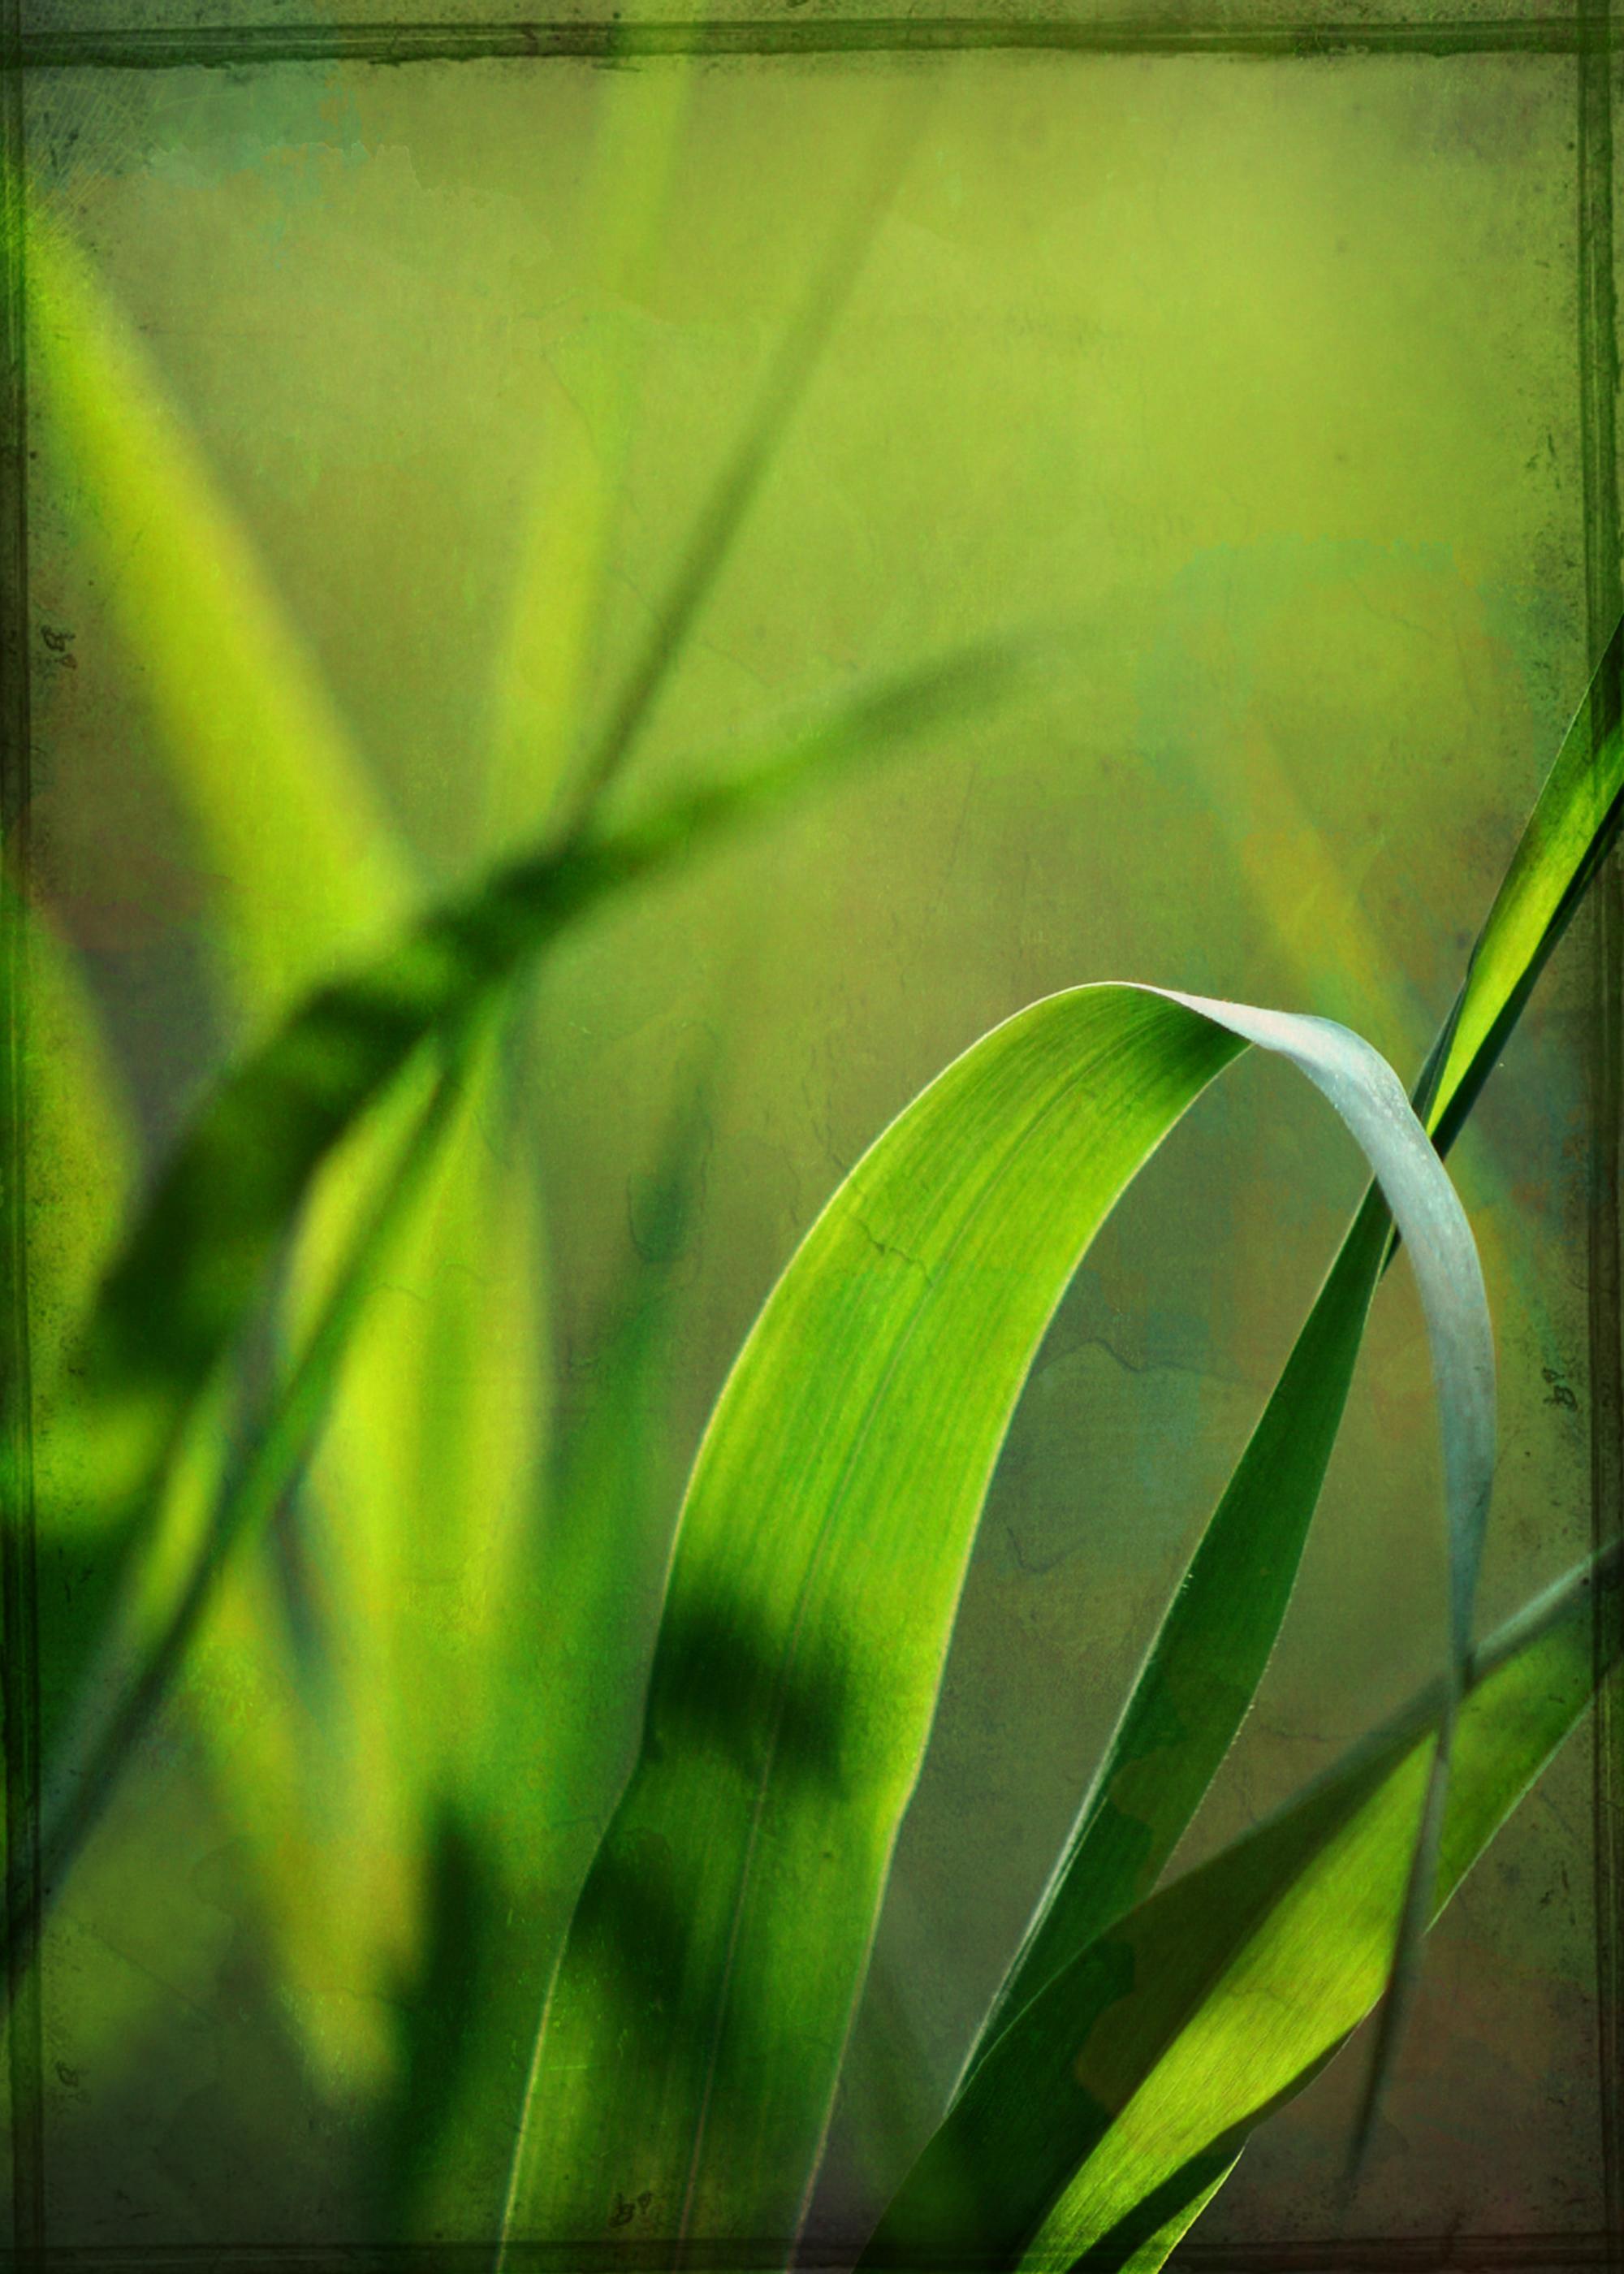 Grass Texture, Grass, Green, Gritty, Grungy, HQ Photo